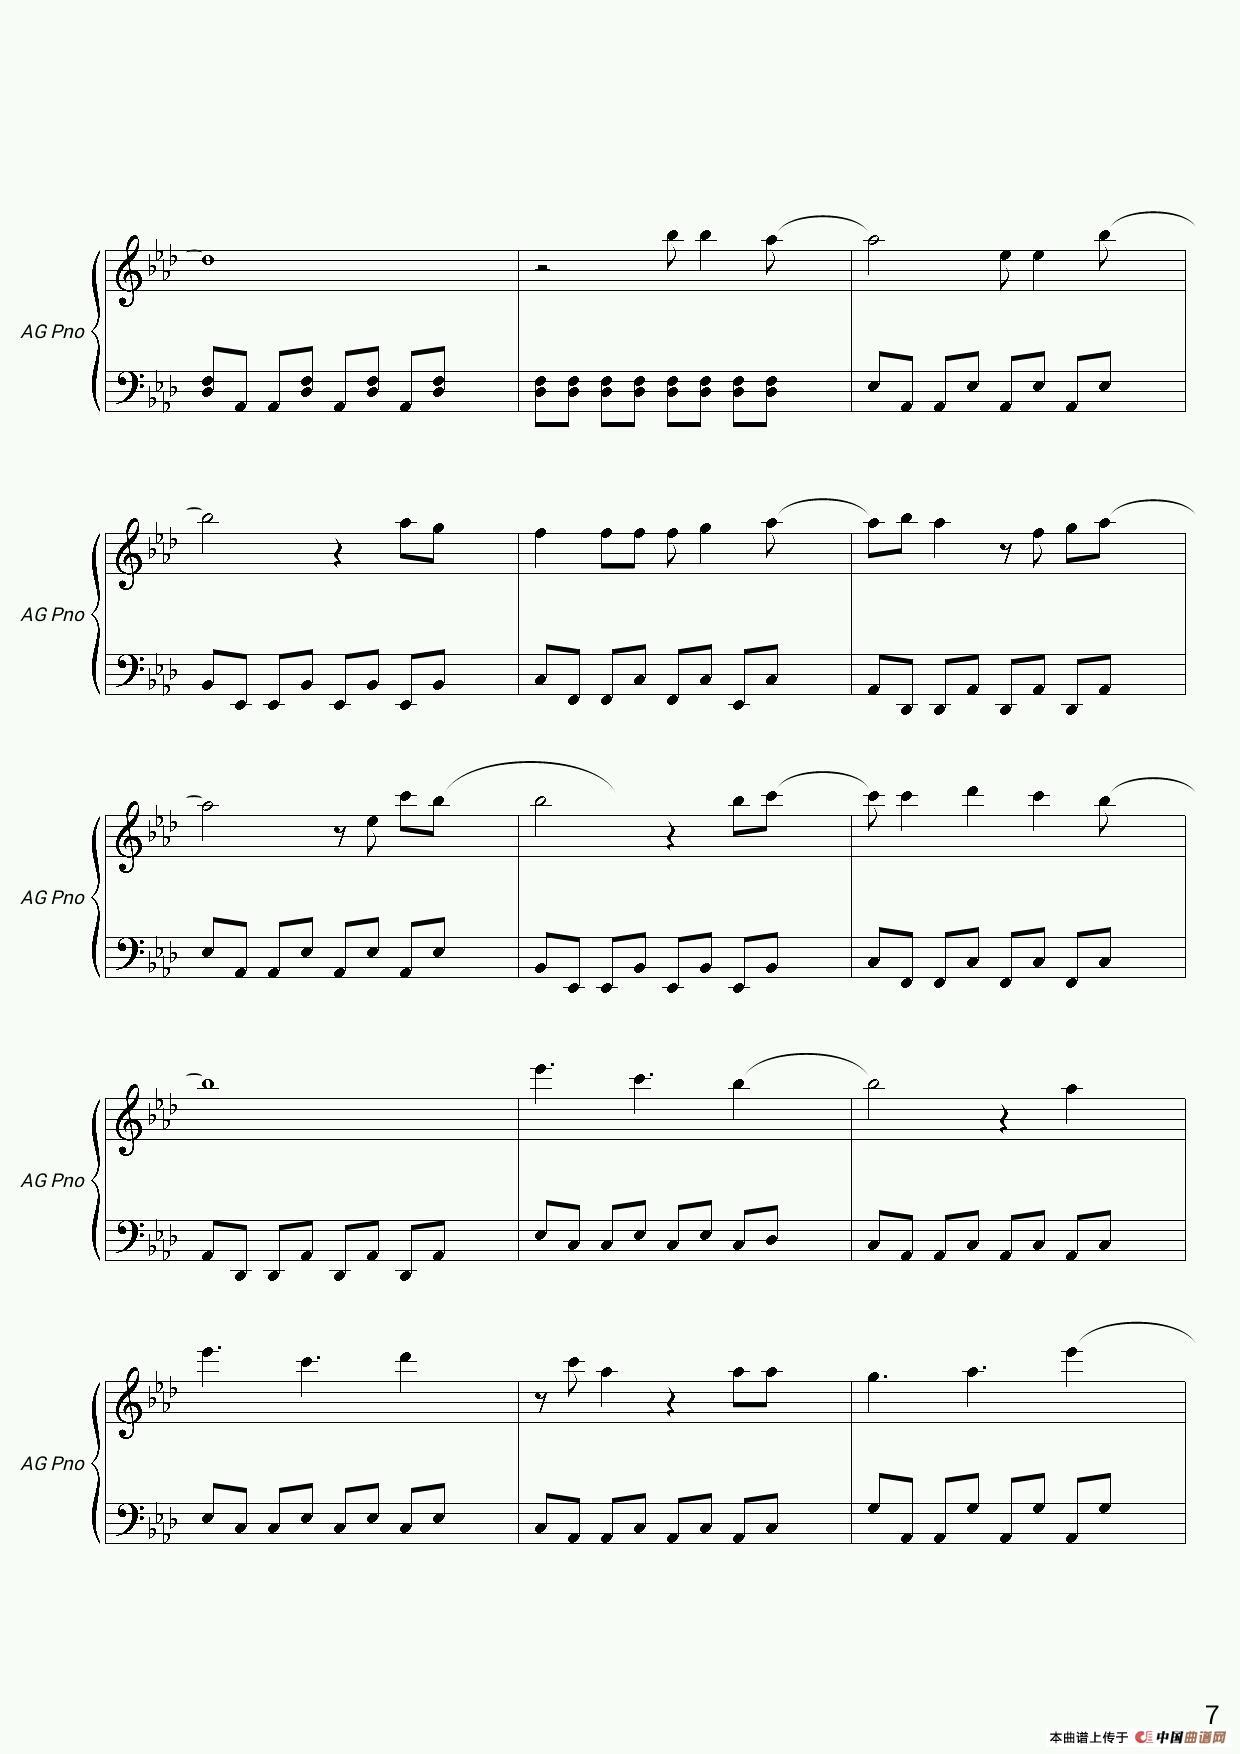 冰雪奇缘钢琴谱 器乐乐谱 中国曲谱网